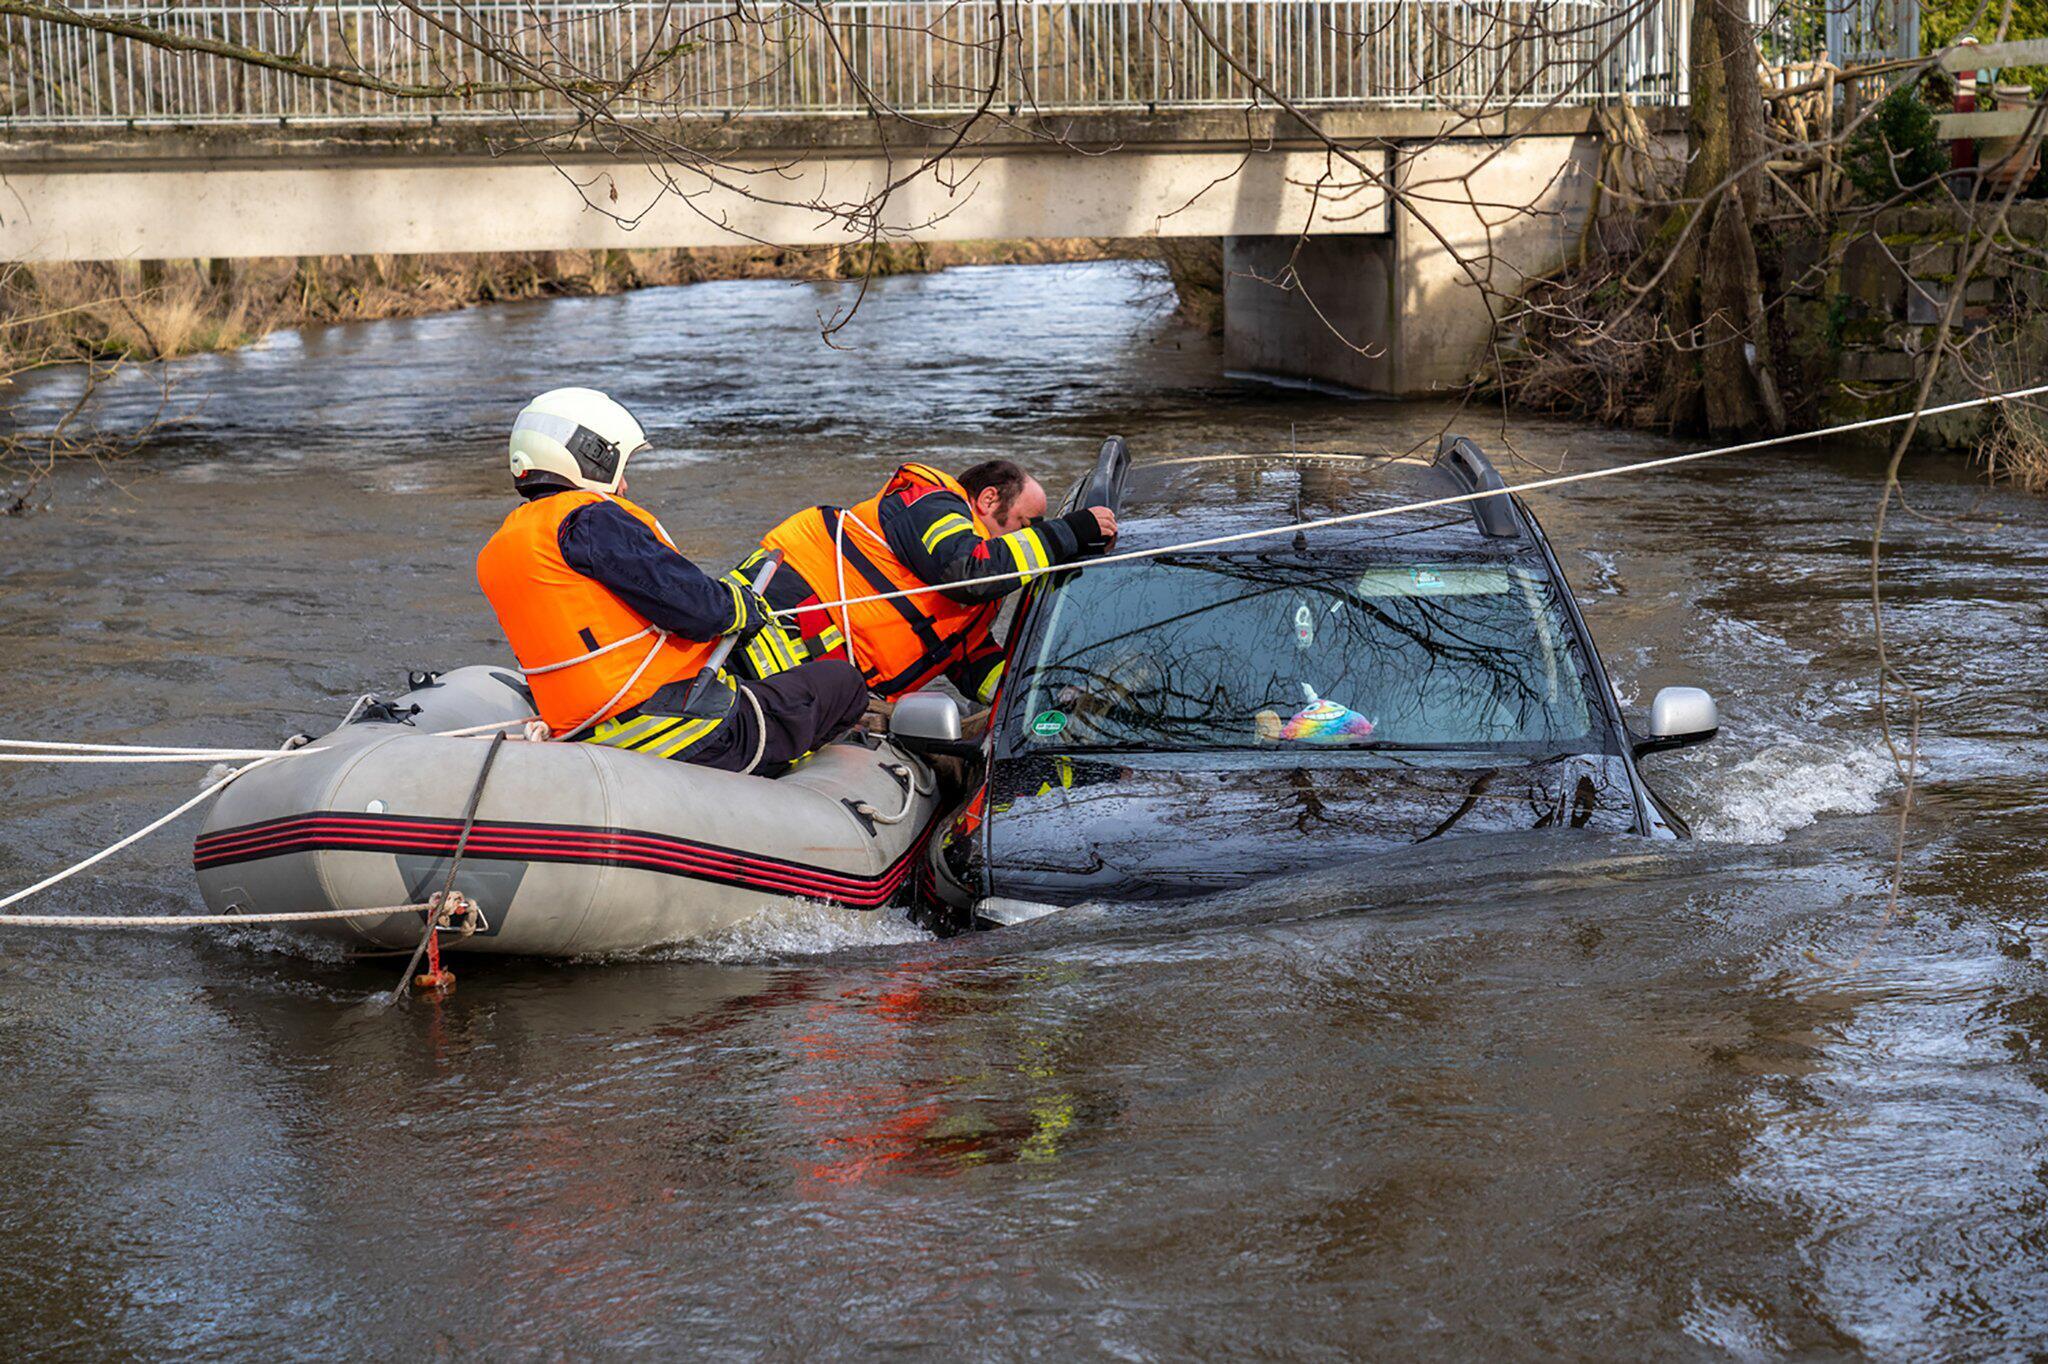 Bild zu Autofahrer fährt in Fluss - Hochwasser überrascht ihn